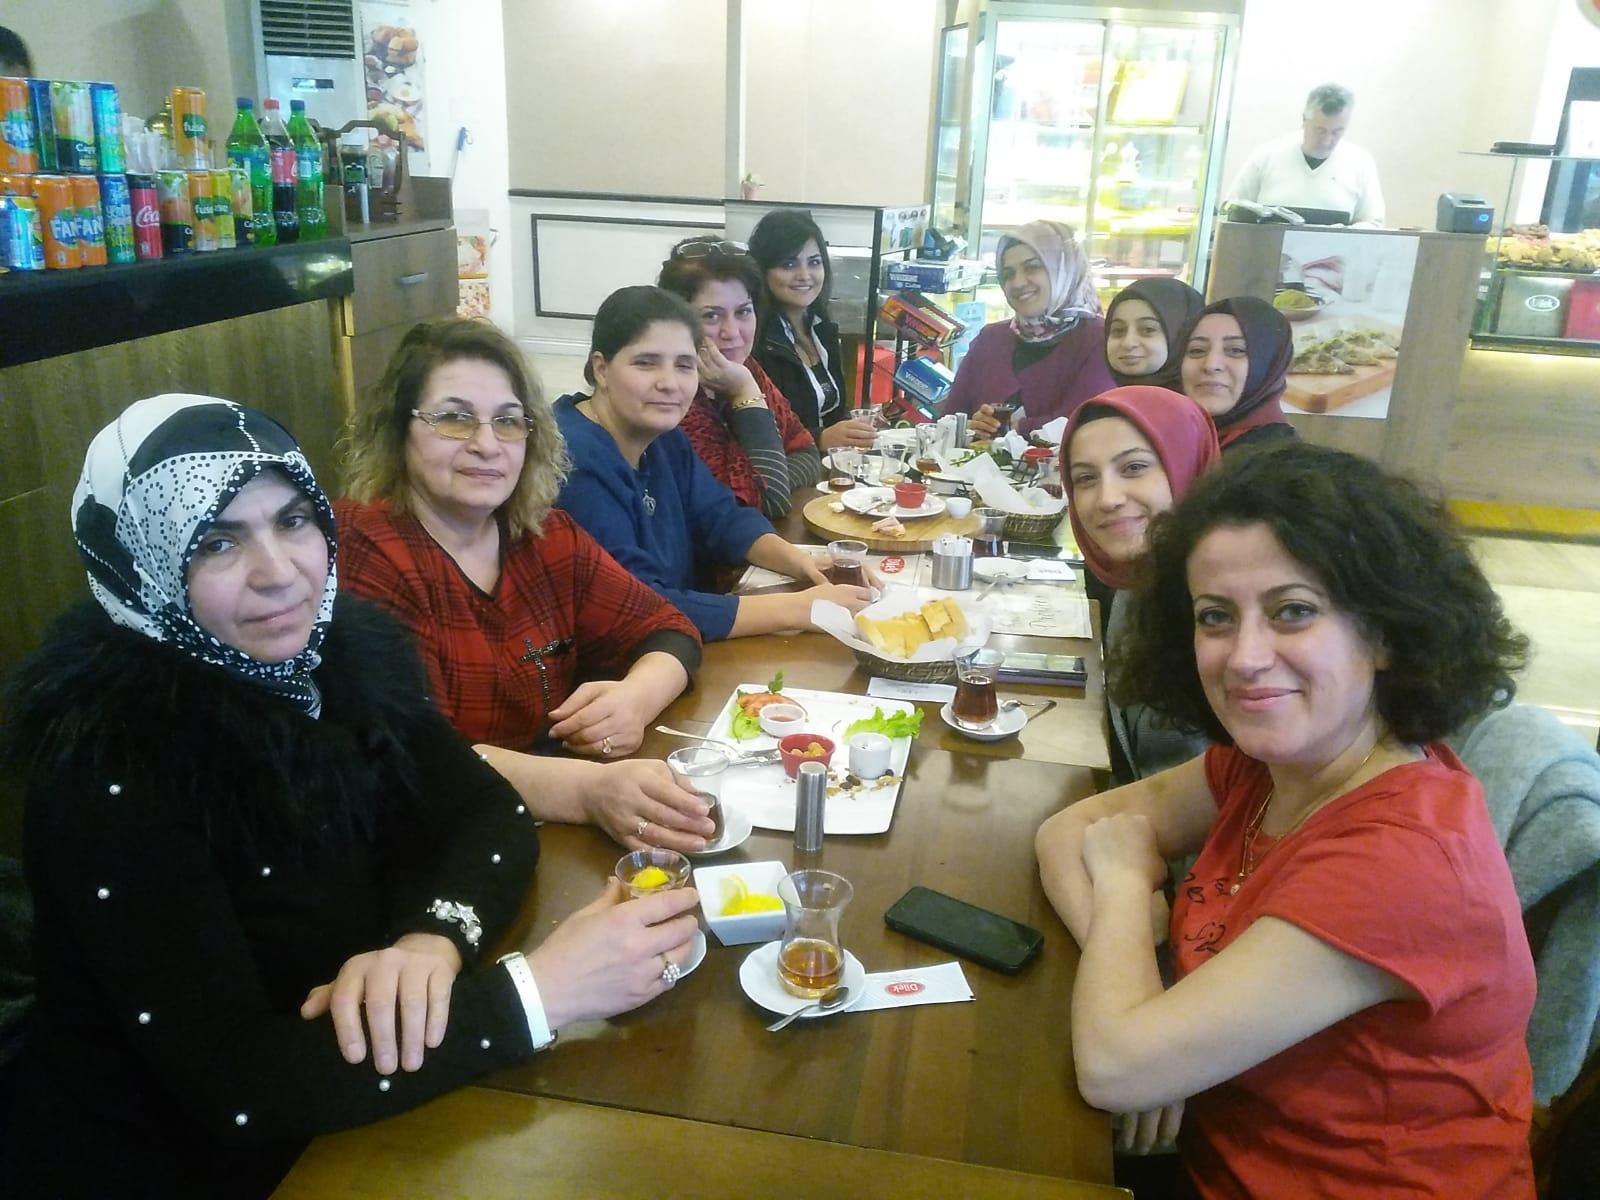 Malatya'nın altın elleri 8 Mart'a hazırlanıyor